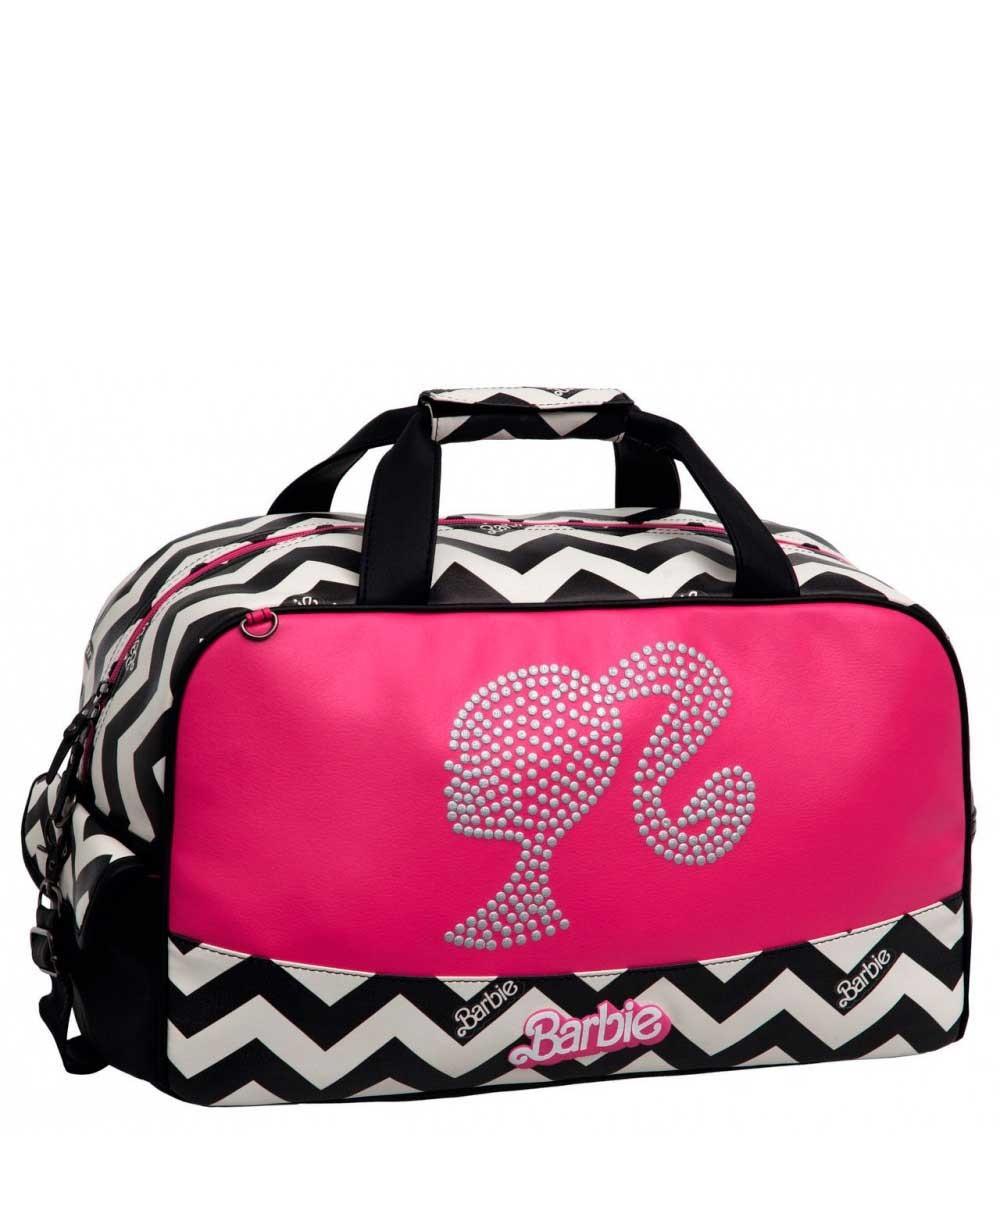 Barbie Dream Bolsa de Viaje Grande Rosa (Foto )